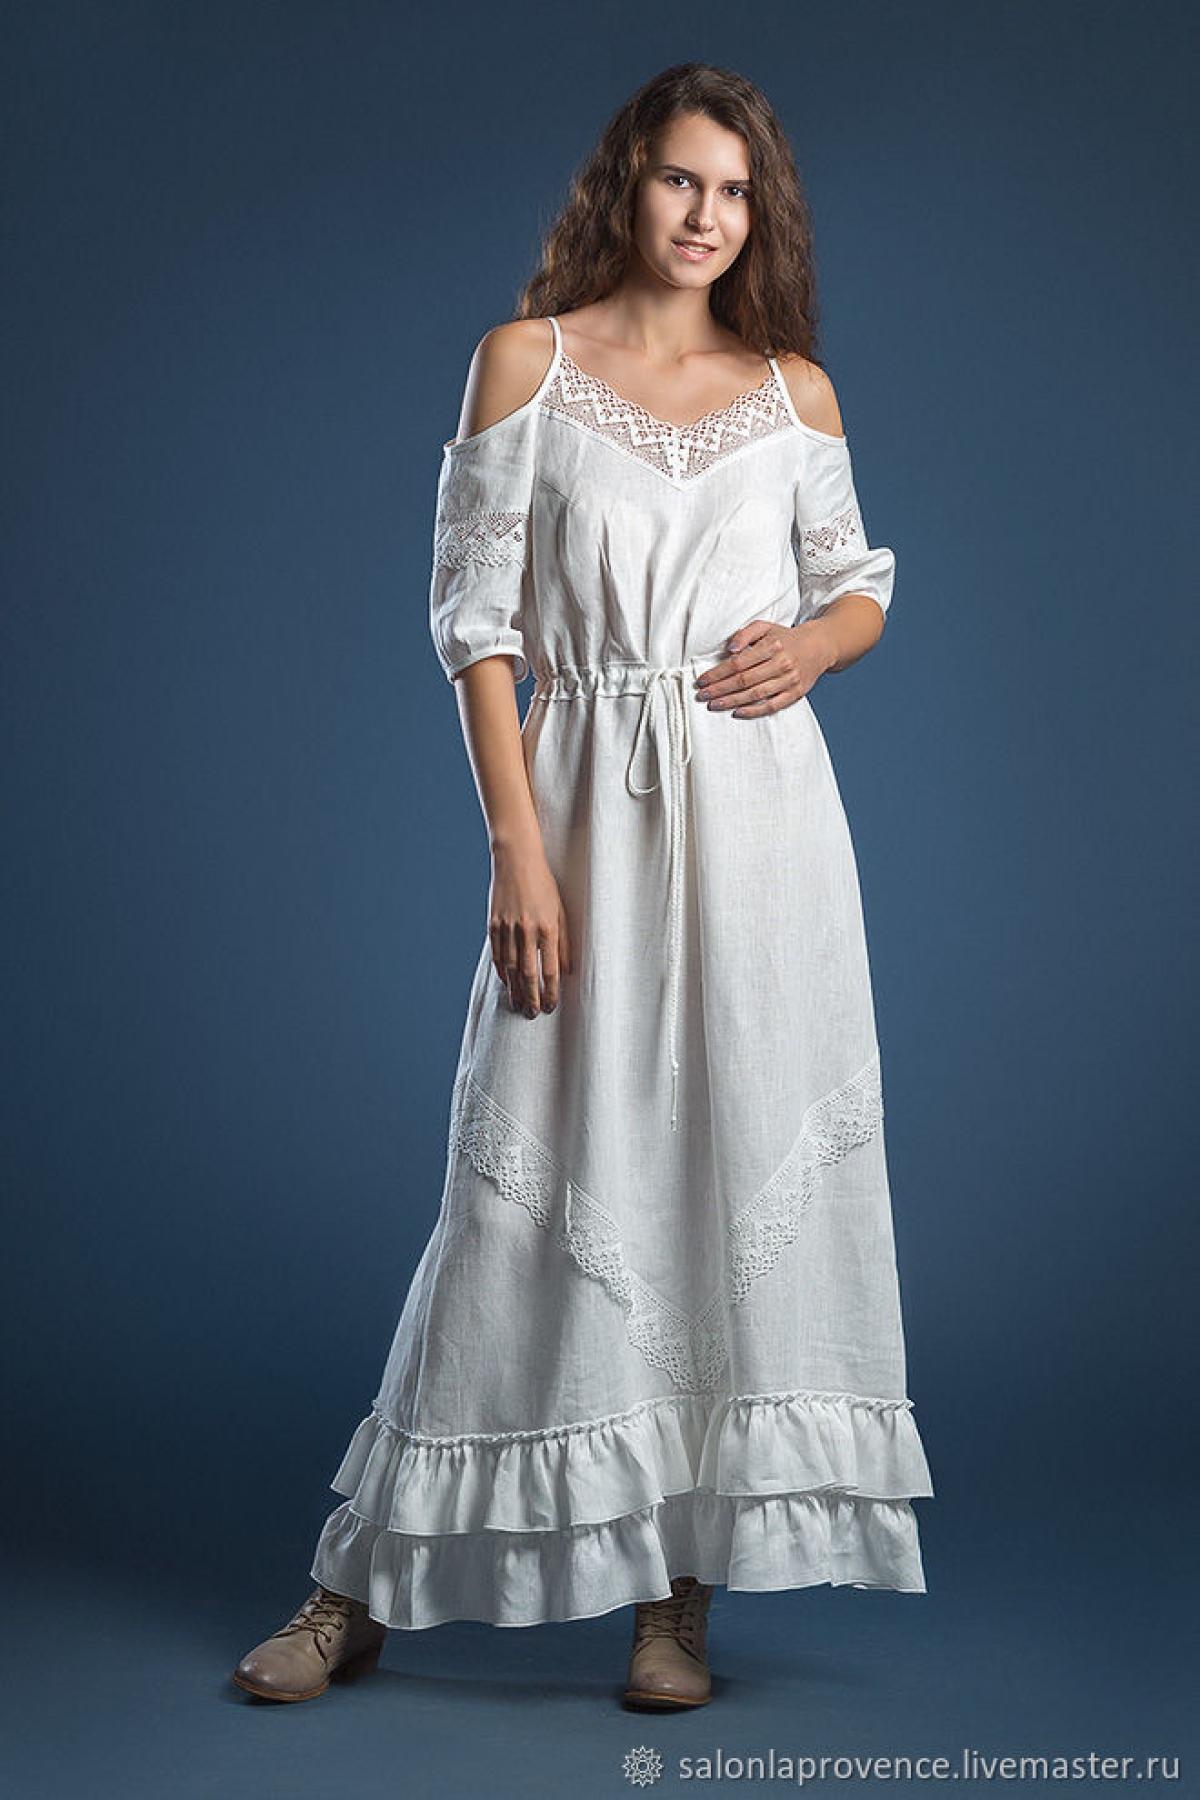 Платье льняное Сочи - suzdalshop